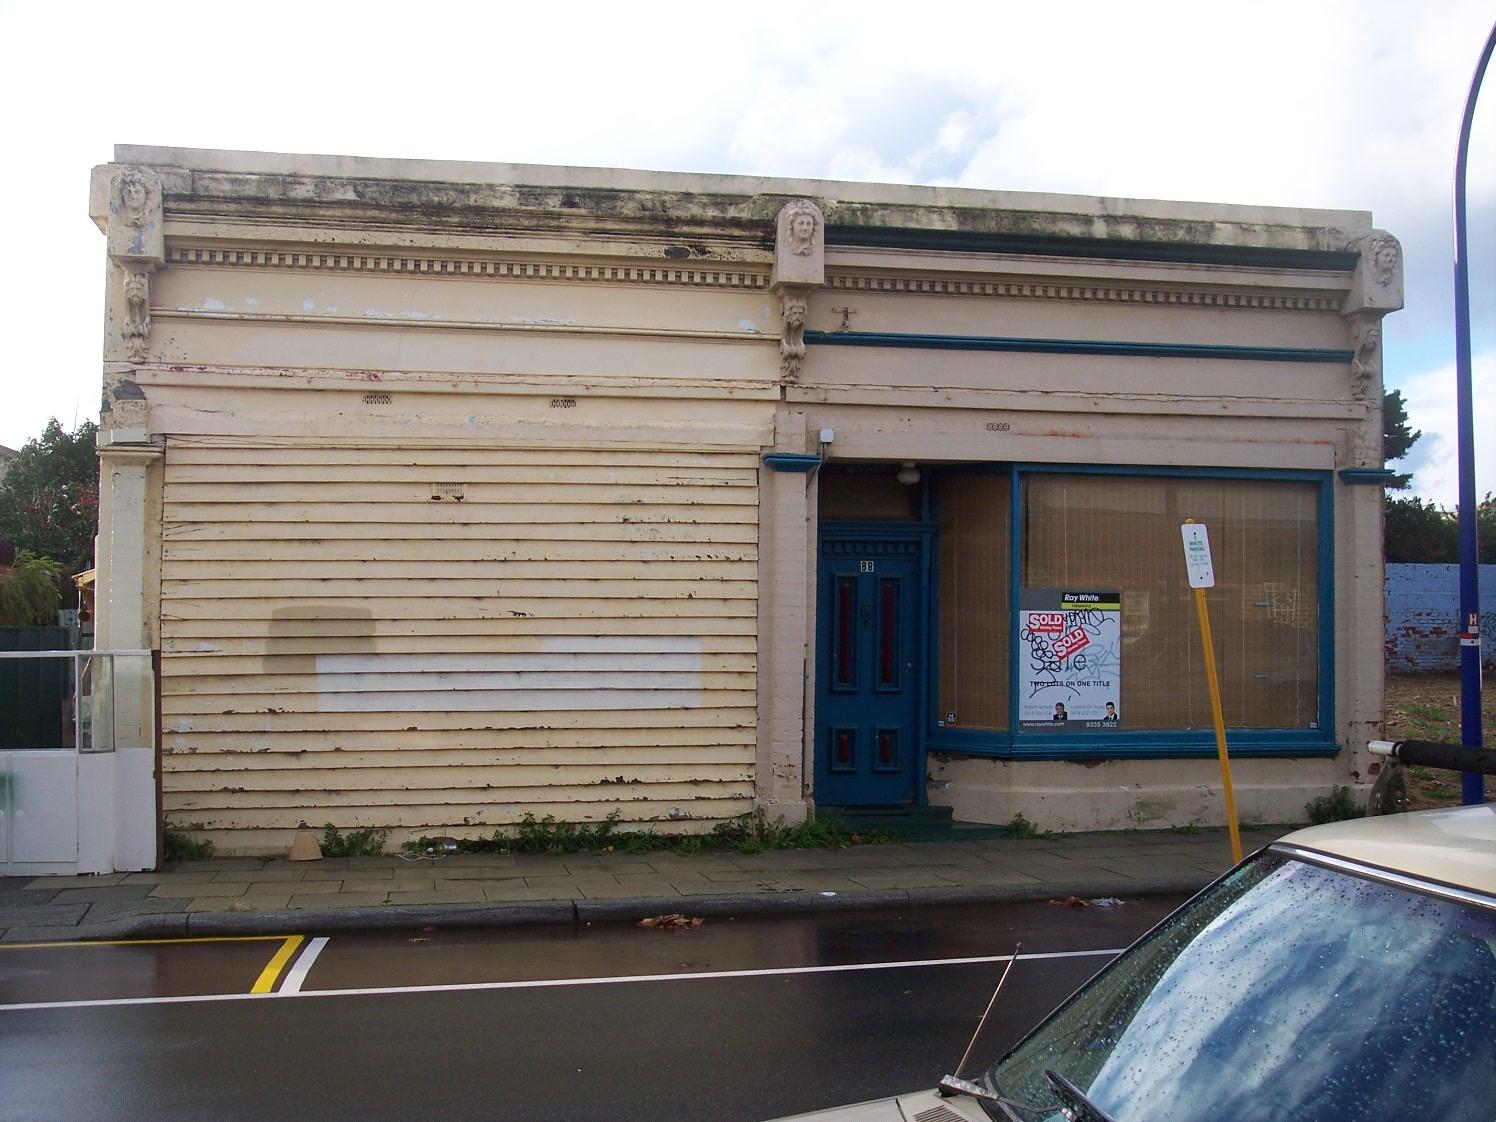 9-6-08 View N 88 George Street.jpg